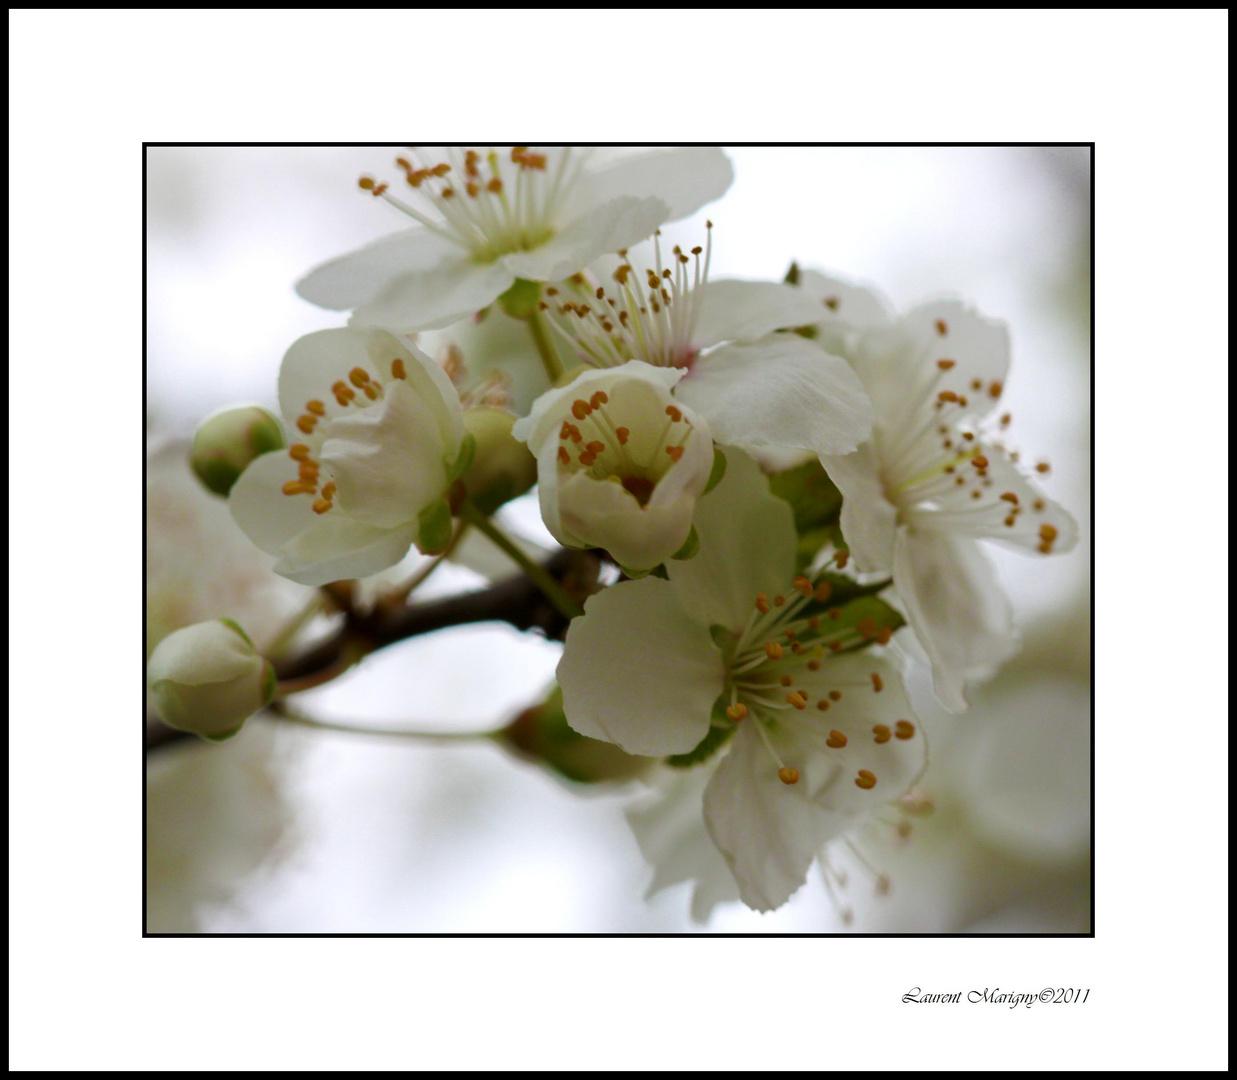 Le printemps arrive, le prunier est en fleurs.